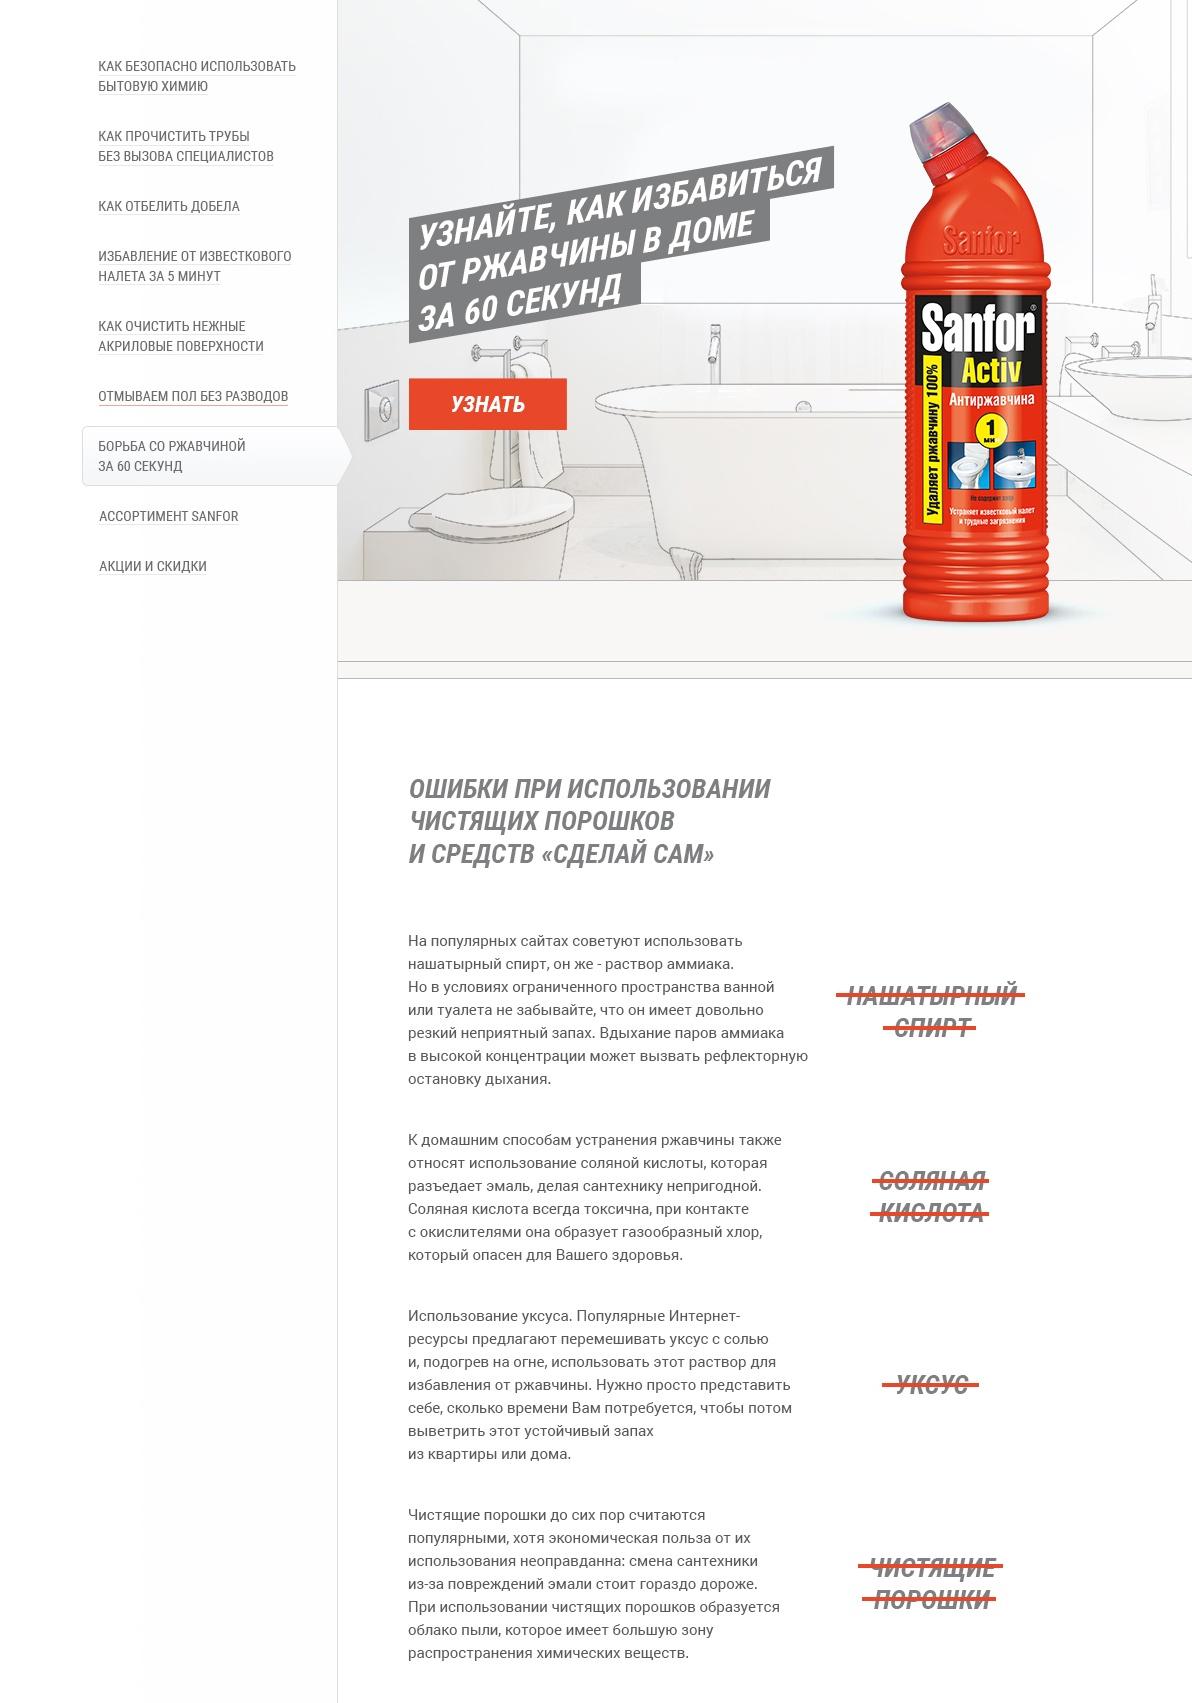 Иллюстрация к статье: 10 посадочных страниц от отдела дизайна LPgenerator, разработанных в ноябре